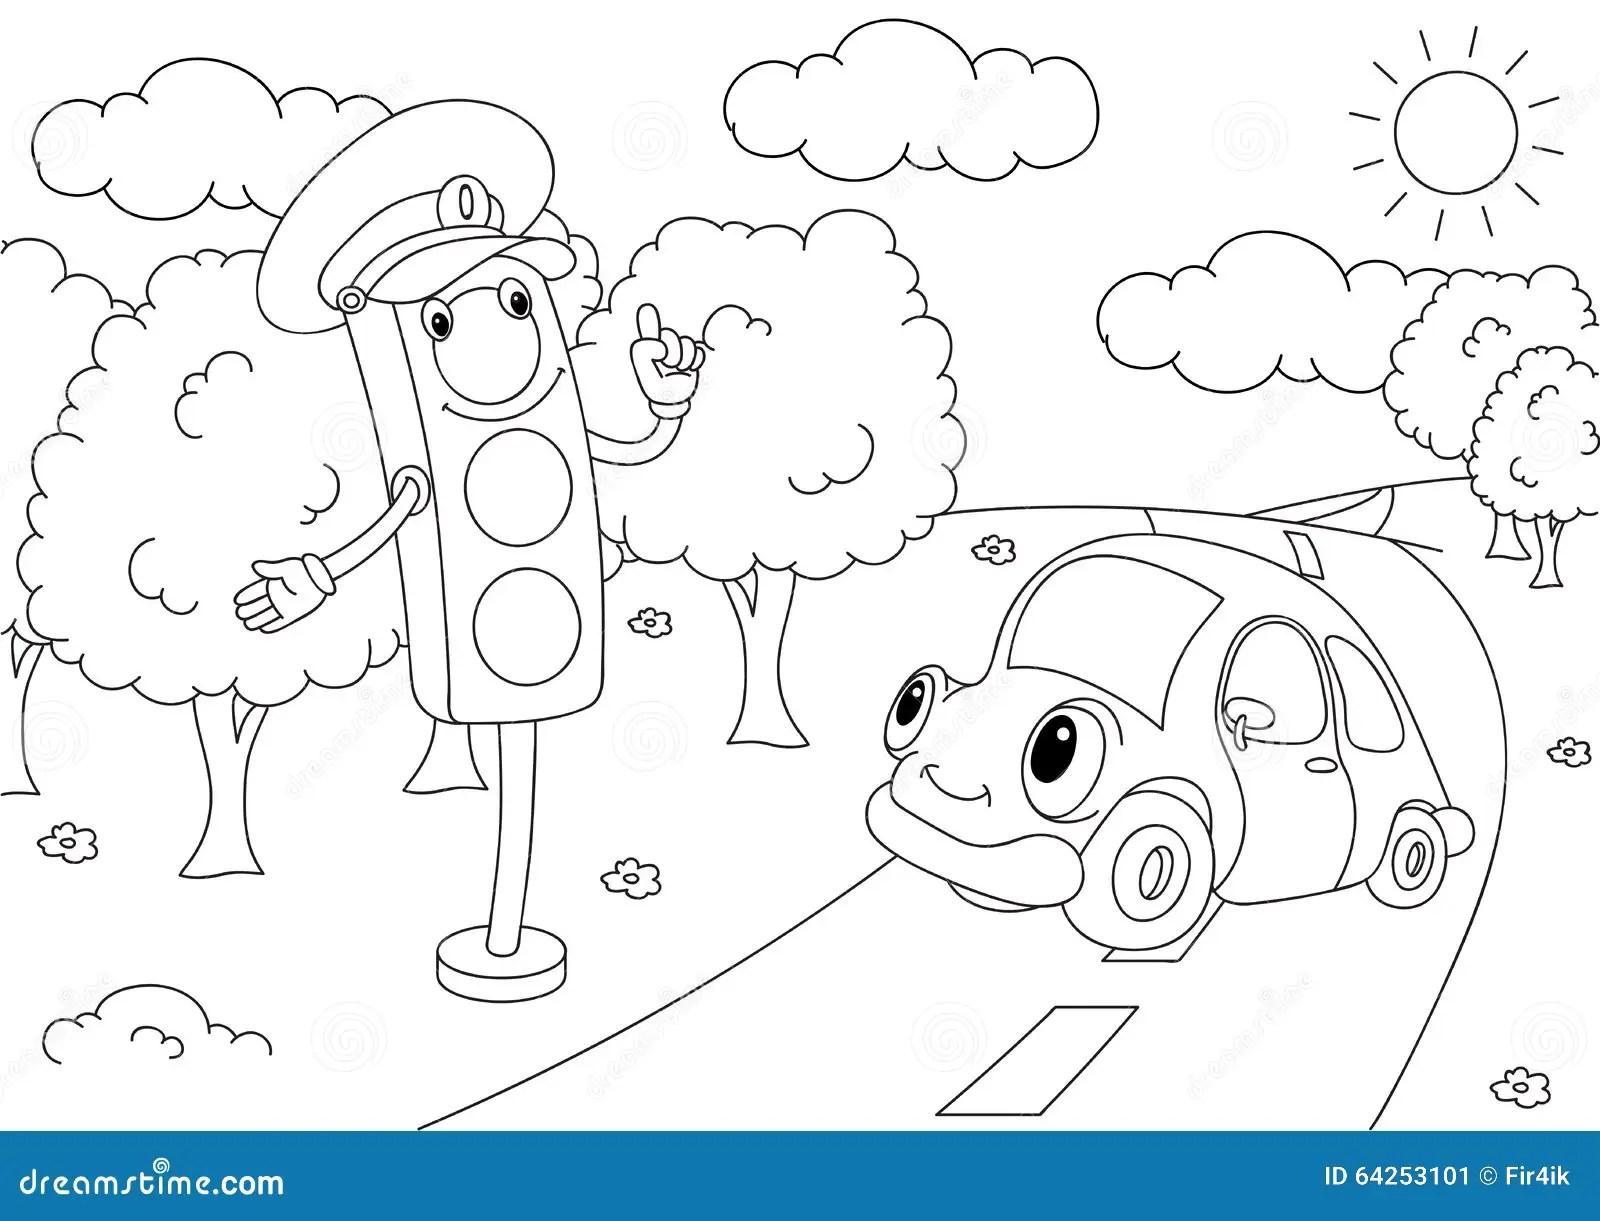 Cartoon Traffic Lights Cartoon Vector